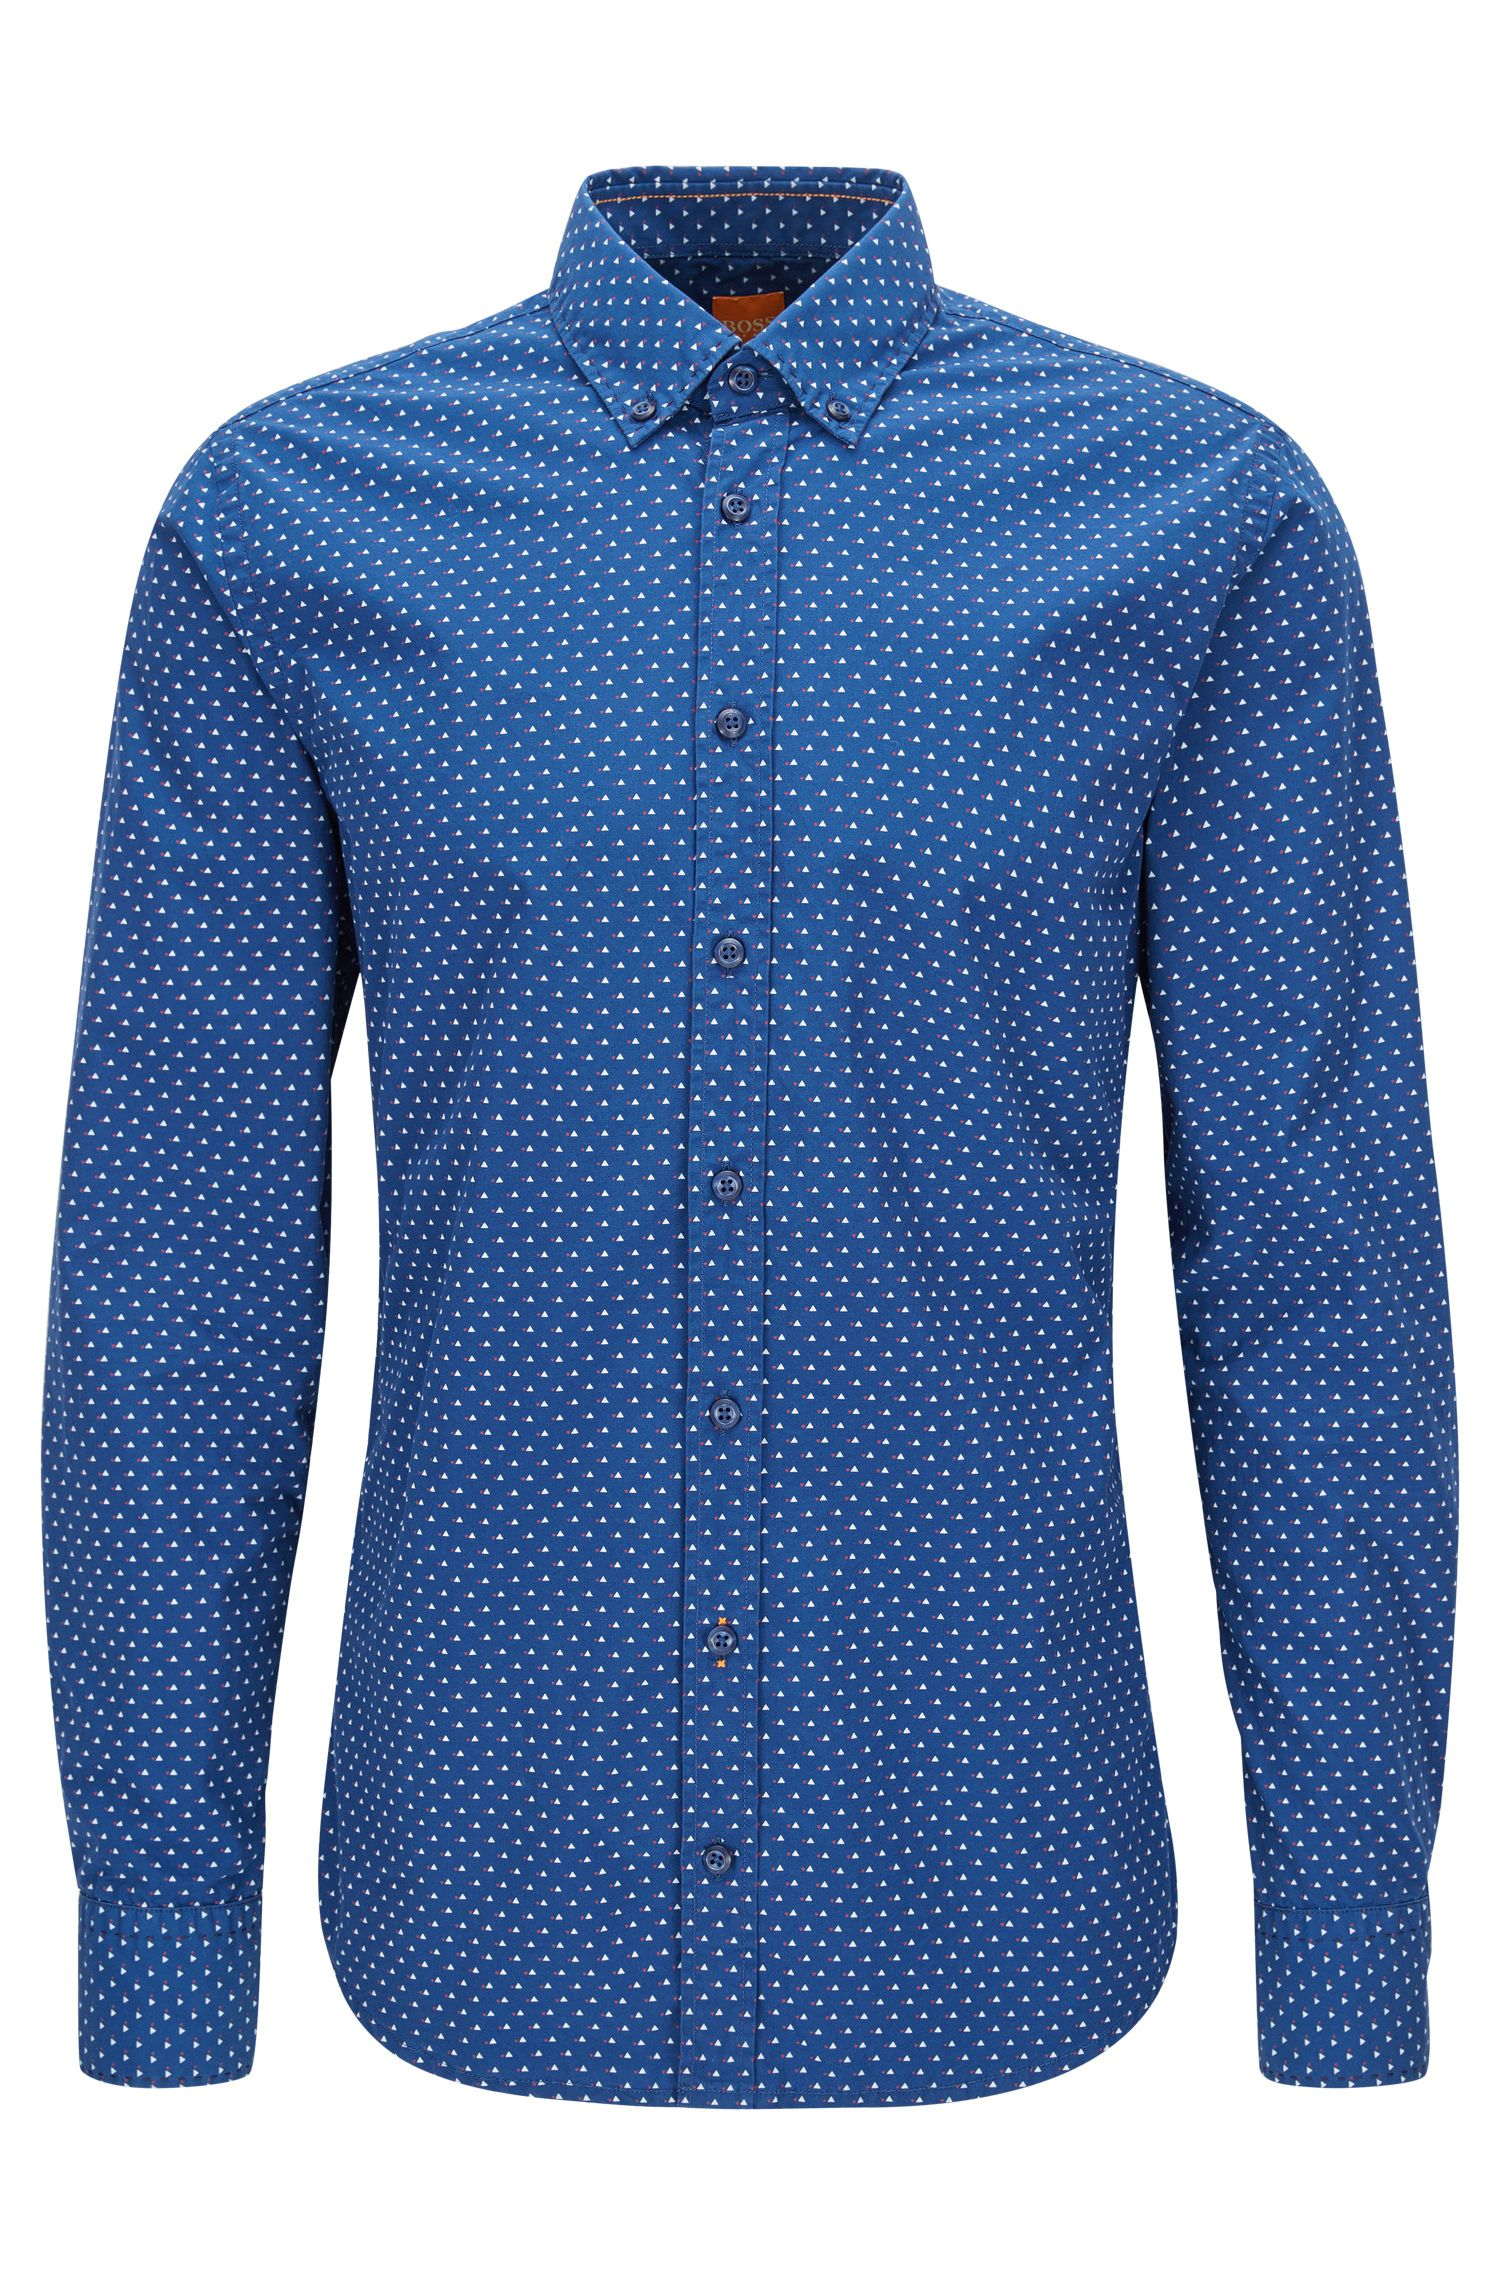 Geometric Cotton Button Down Shirt, Slim Fit | Epreppy, Blue